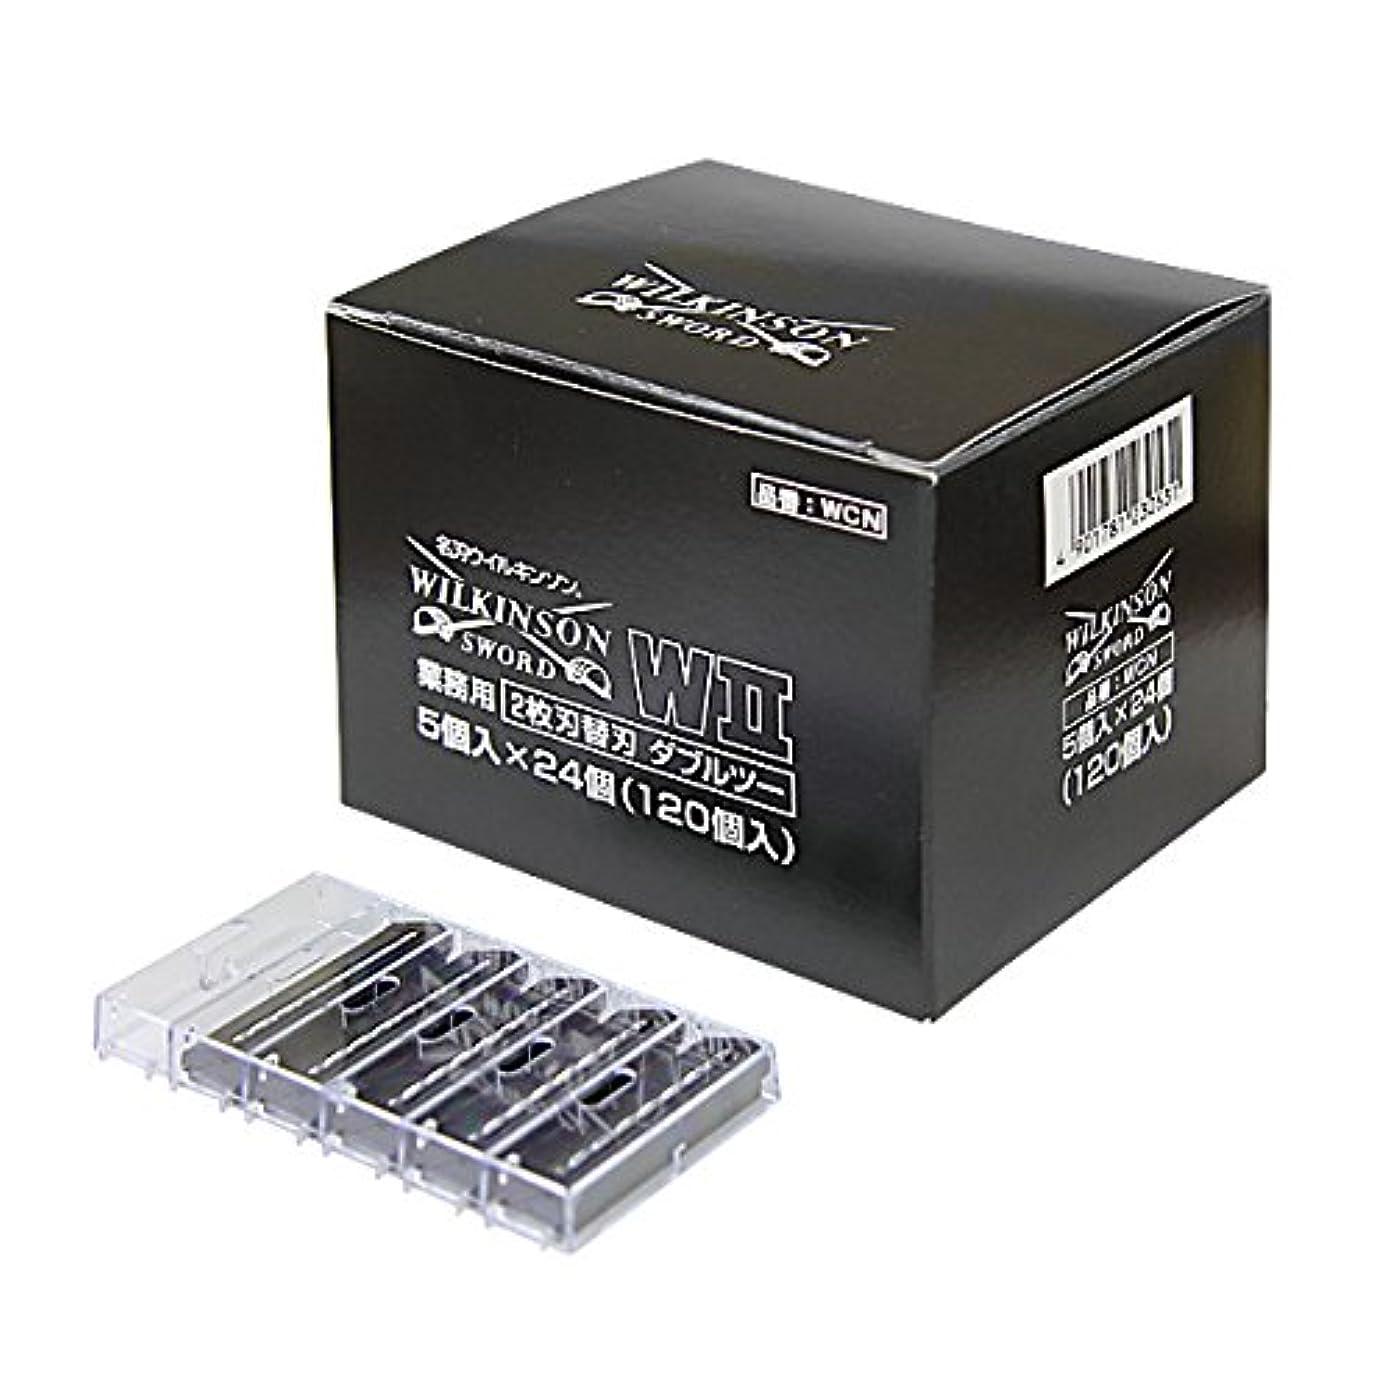 シロクマ切る廃棄するウィルキンソン?ソード W2(ダブルツー)替刃 5個×24(1箱120個)二枚刃式 WILKINSON W2